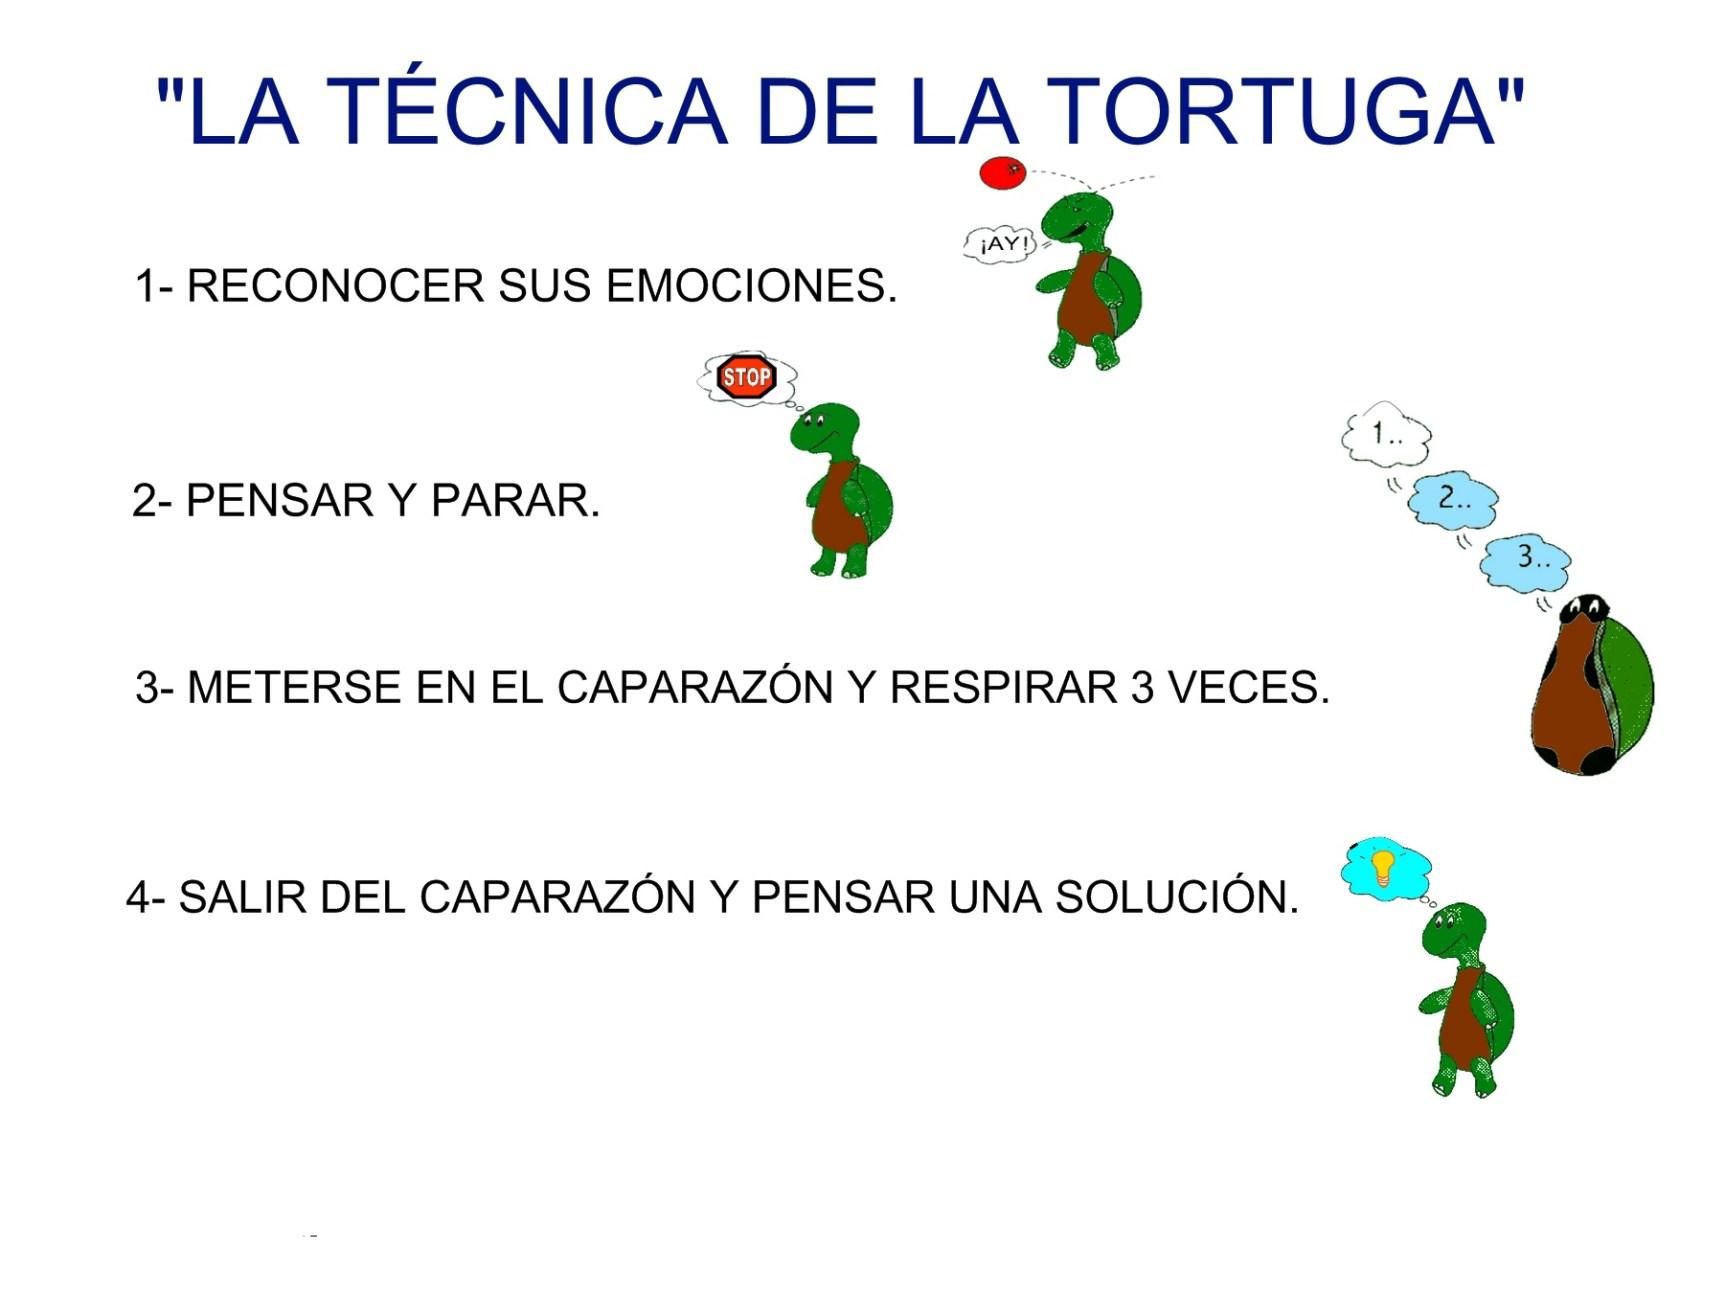 Resultado de imagen de tecnica tortuga